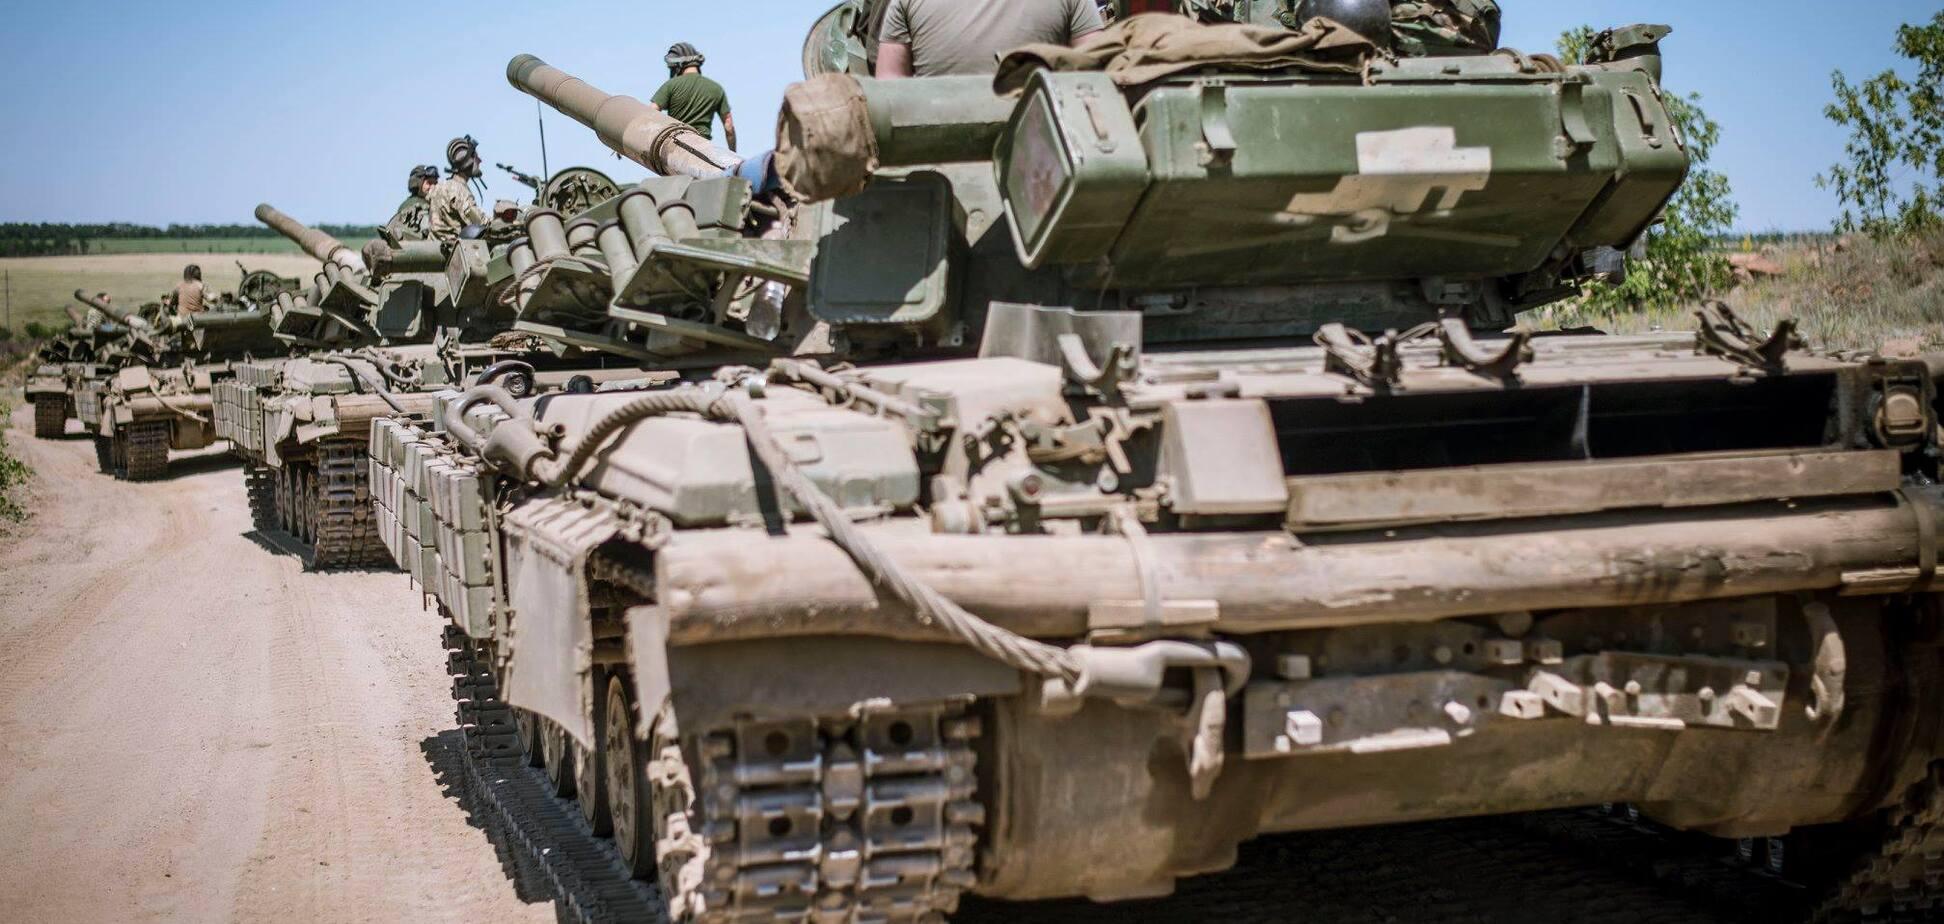 Спочатку Донбас, потім Крим: Гриценко розкрив деталі плану по поверненню територій